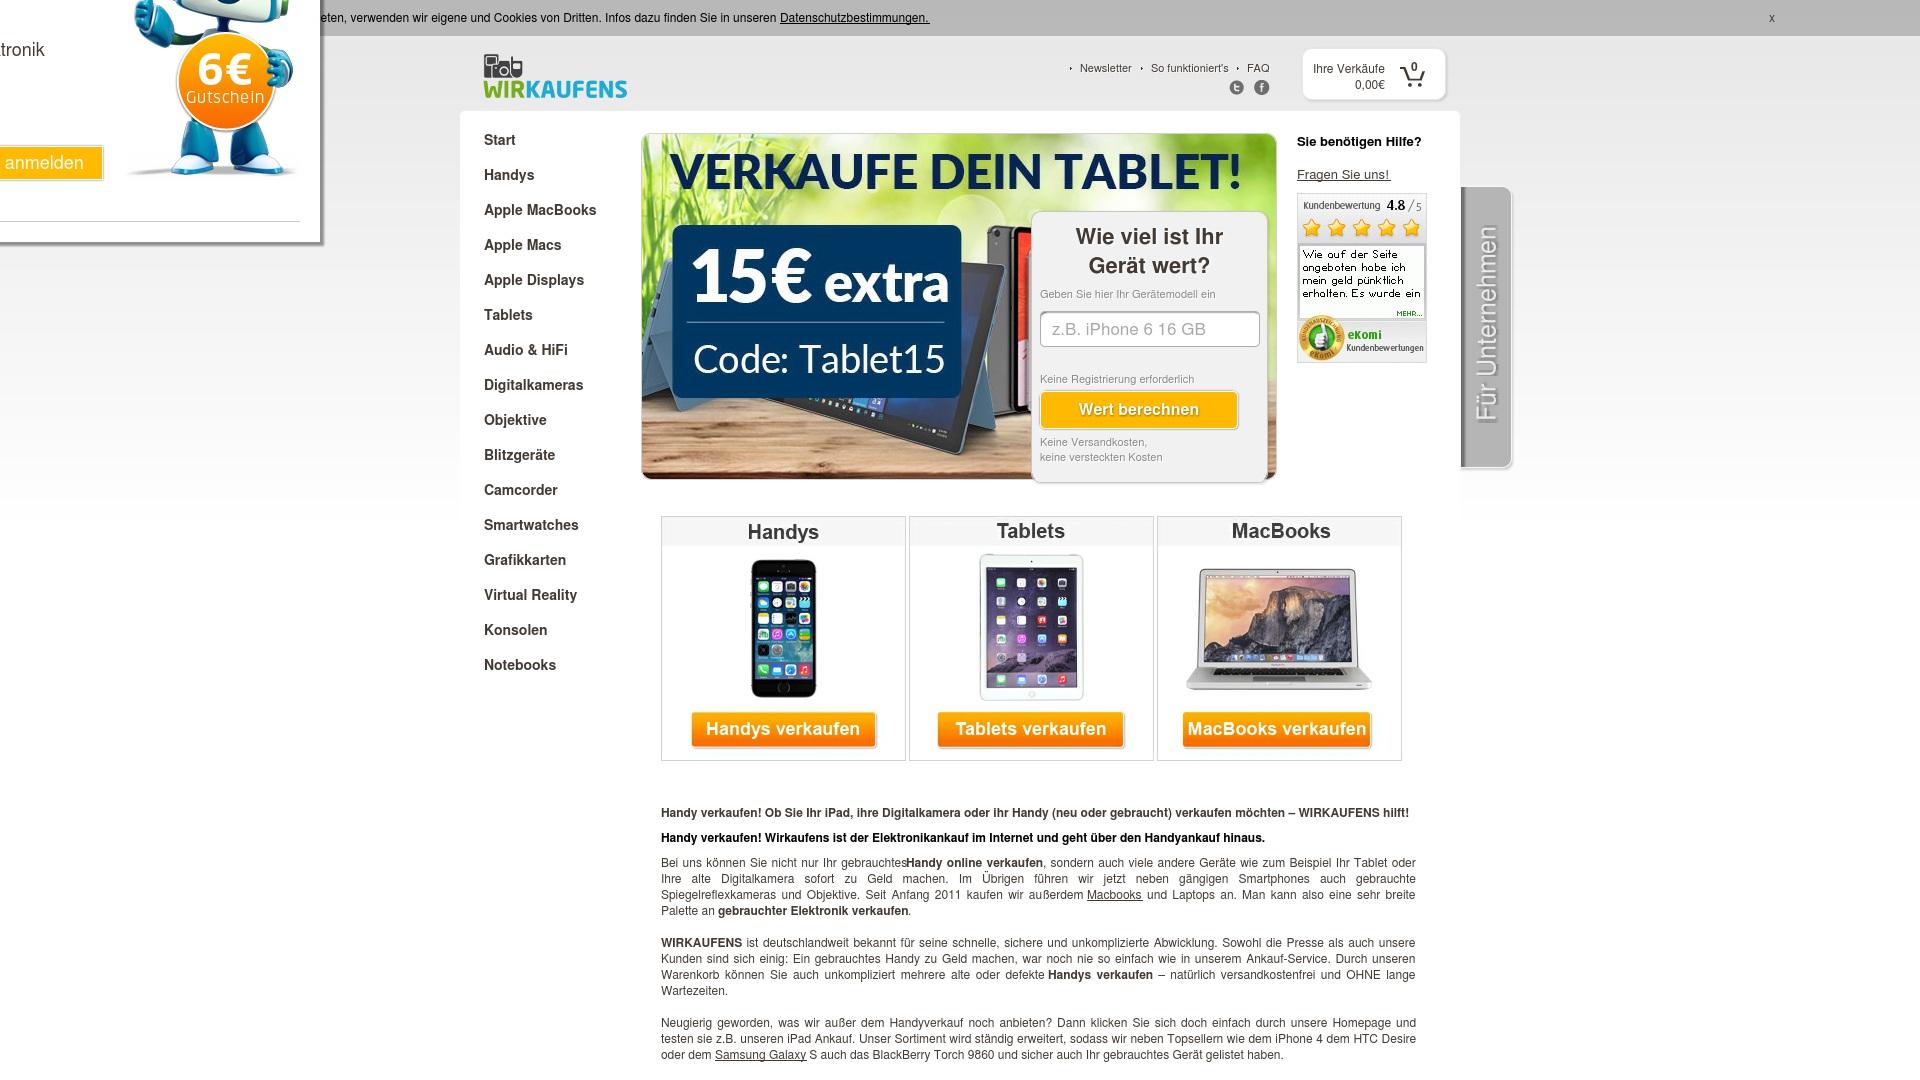 Gutschein für Wirkaufens: Rabatte für  Wirkaufens sichern